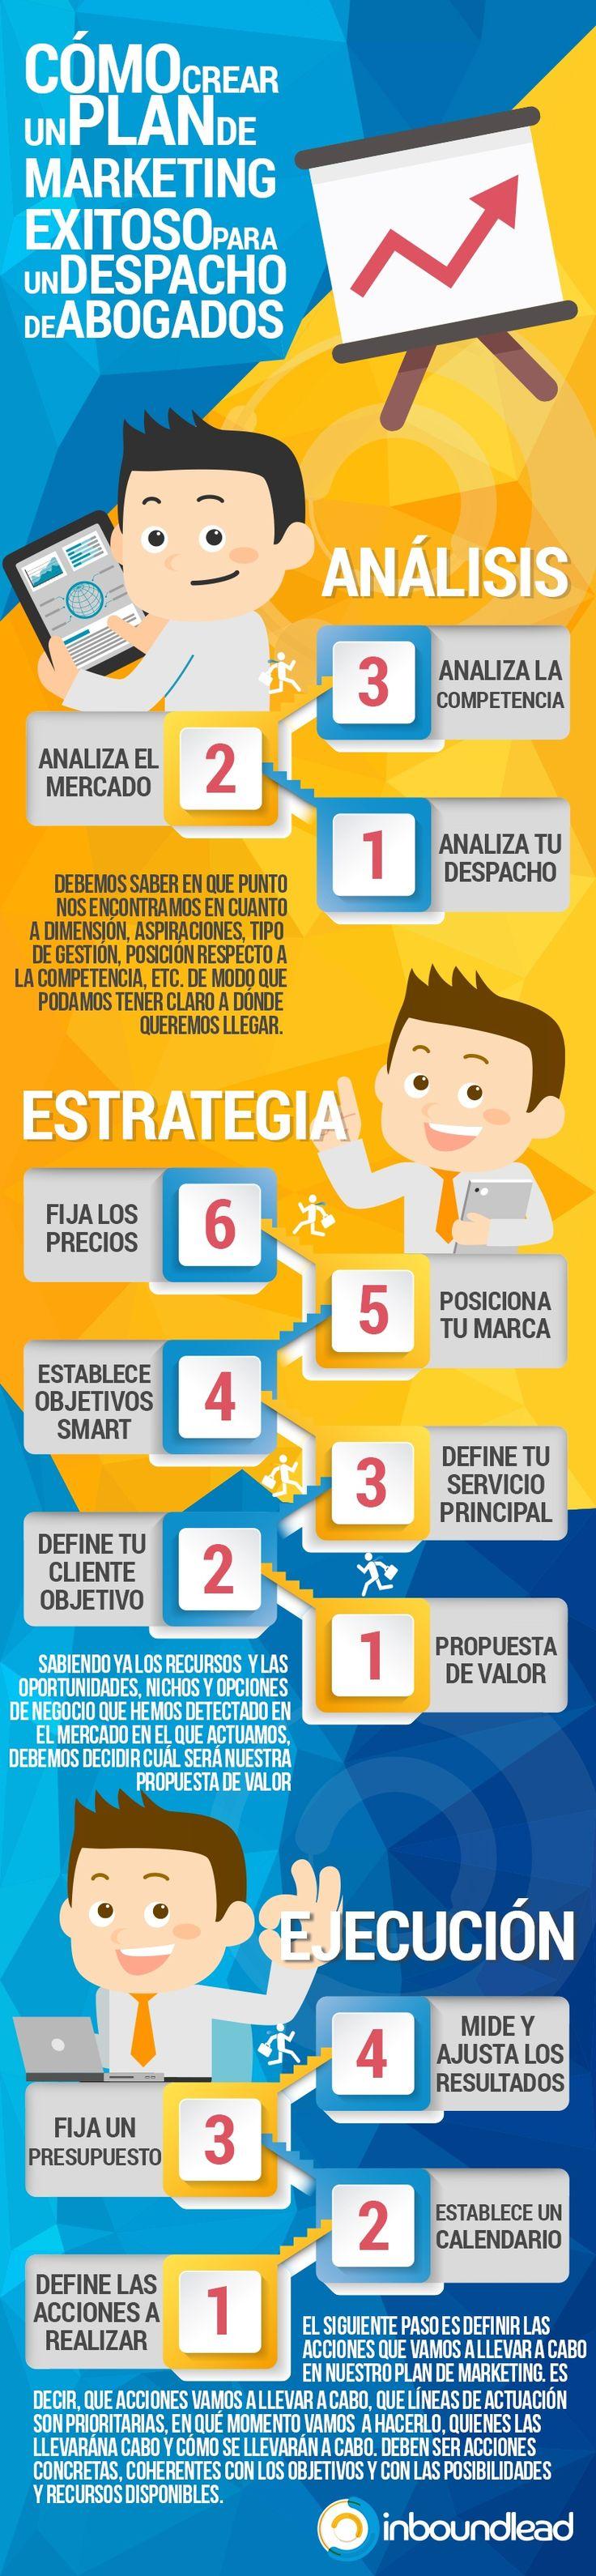 Hola: Una infografía sobreCómo crear un Plan de Marketing para Despachos de Abogados. Vía Un saludo